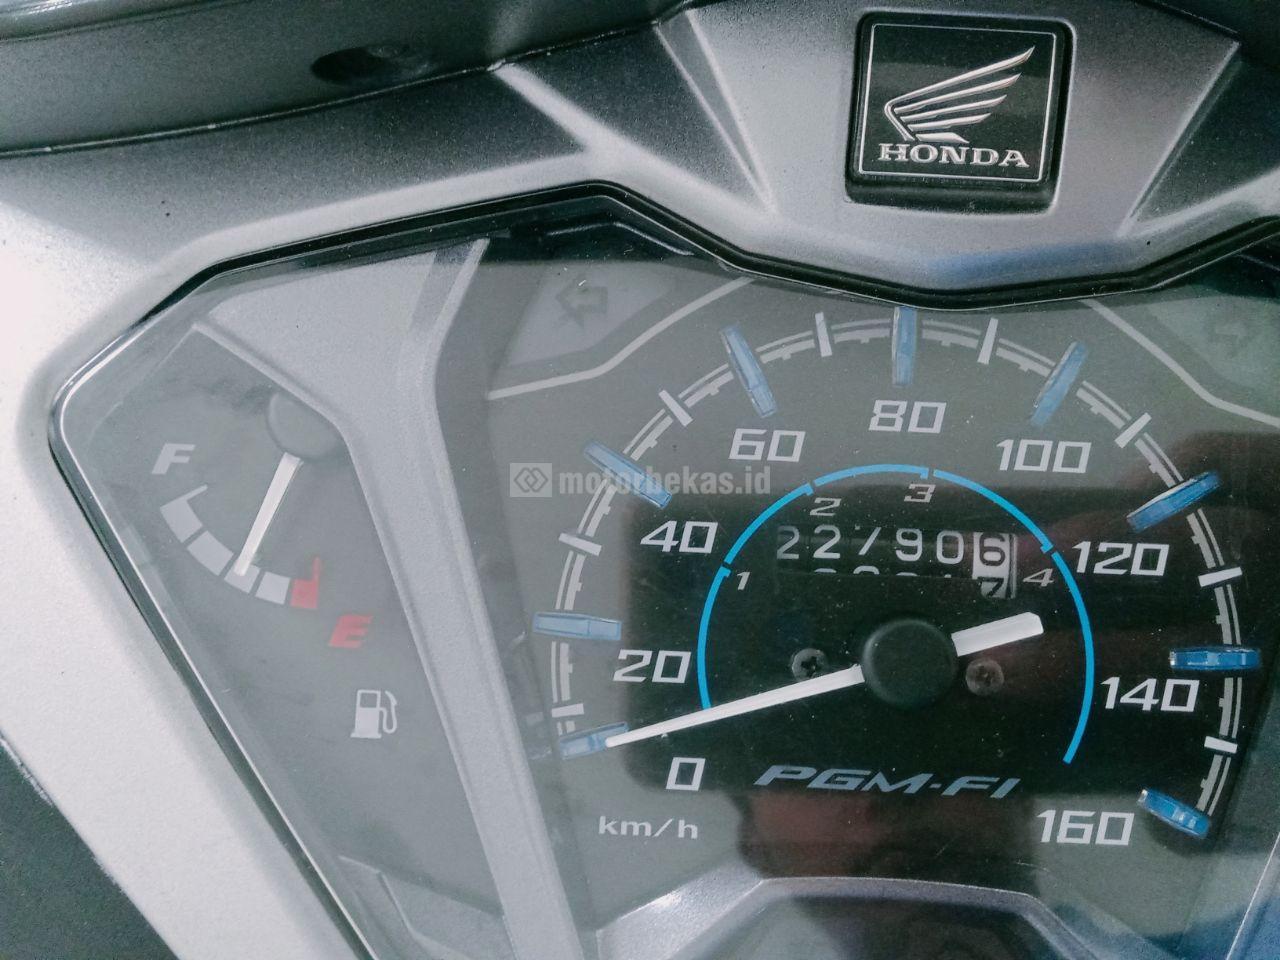 HONDA SUPRA X 125 FI 1569 motorbekas.id